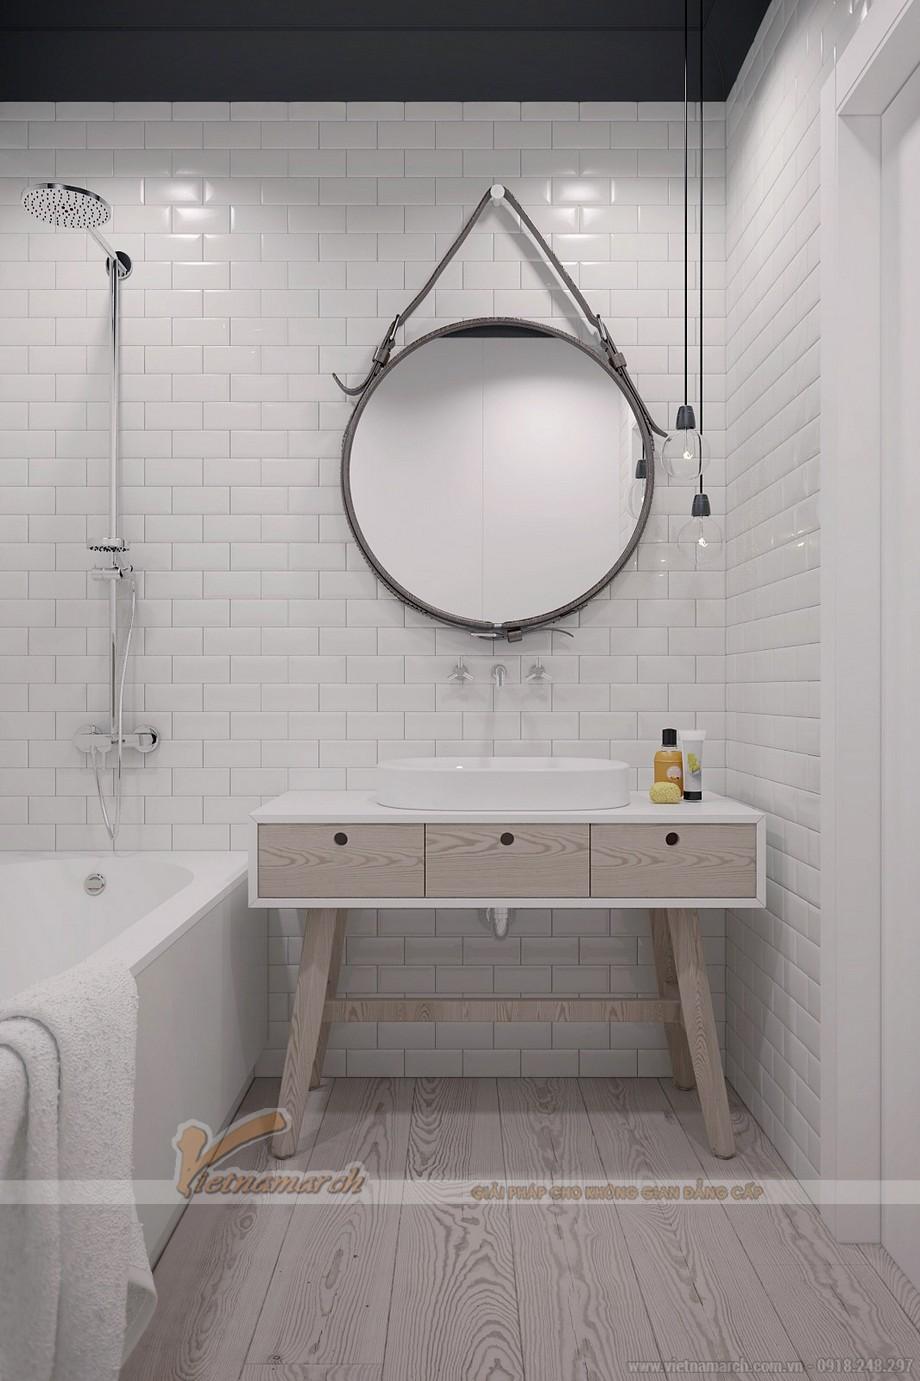 Phòng tắm được bố trí tiện nghi và hiện đại